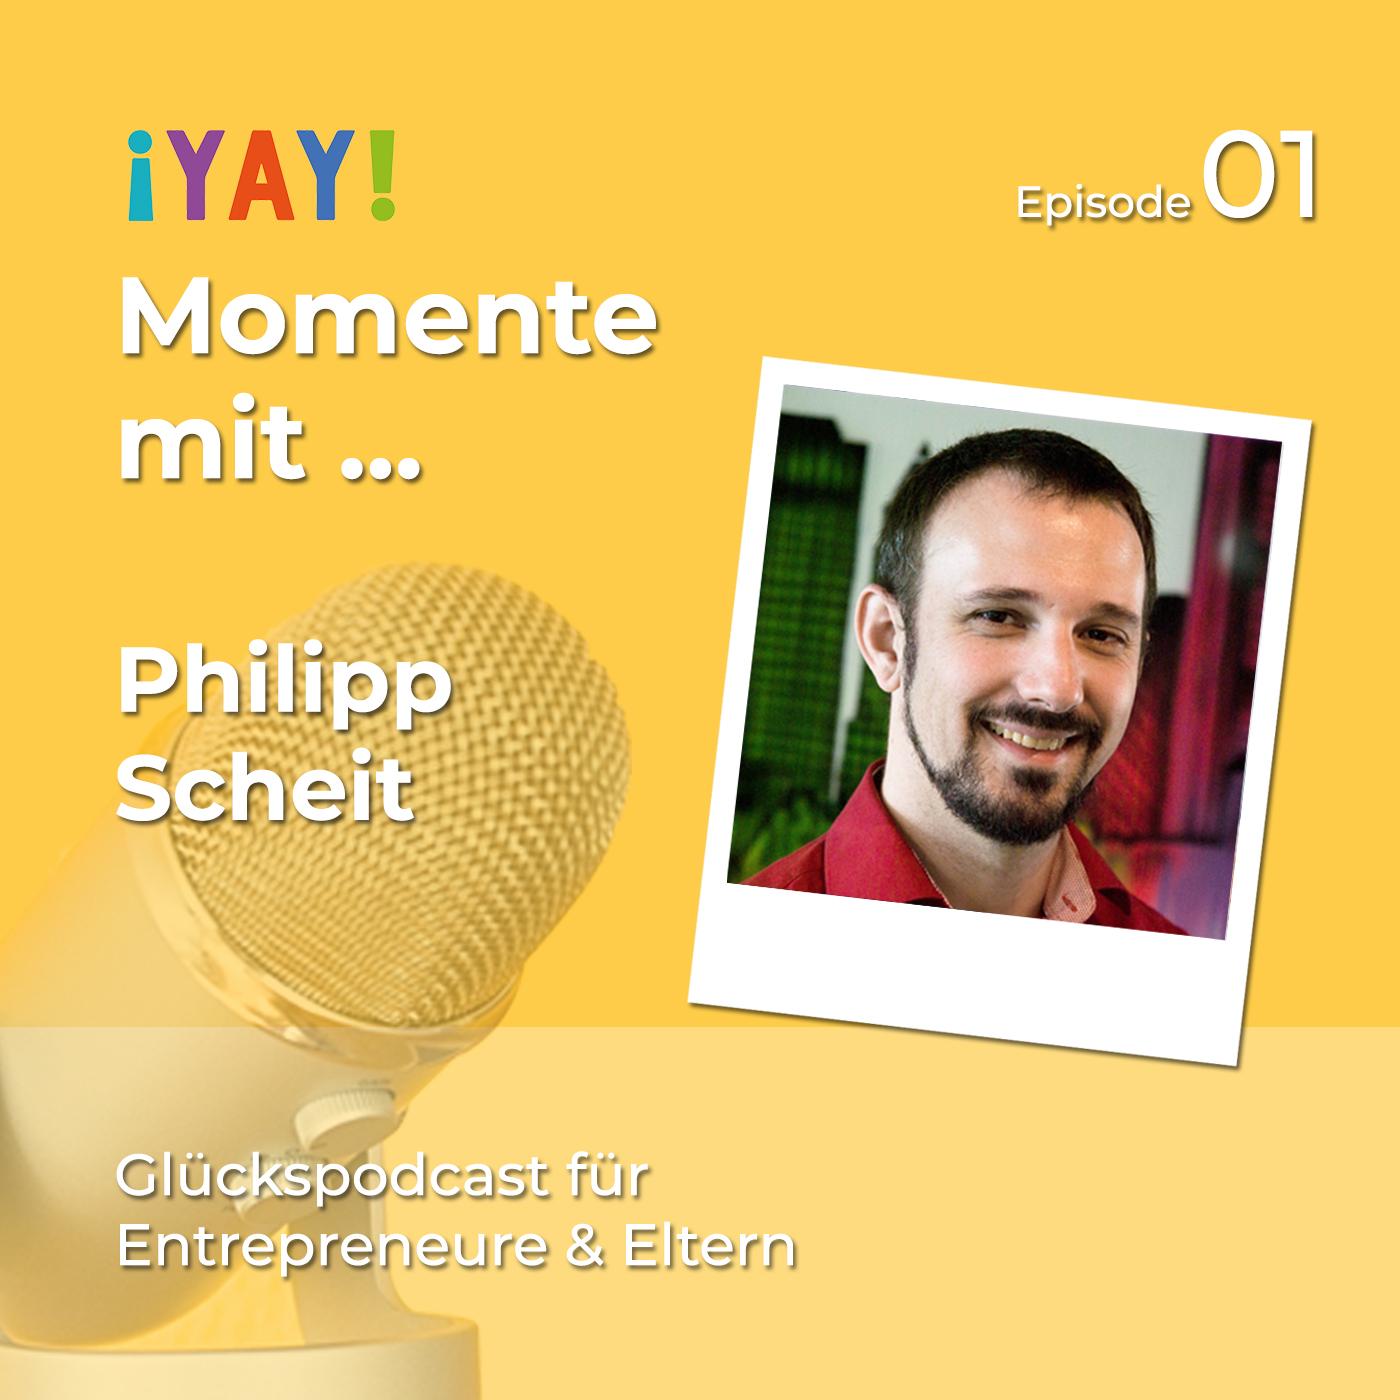 Episode 01: Yay-Momente mit... Entwicklermann und Saas-Gründer Philipp Scheit